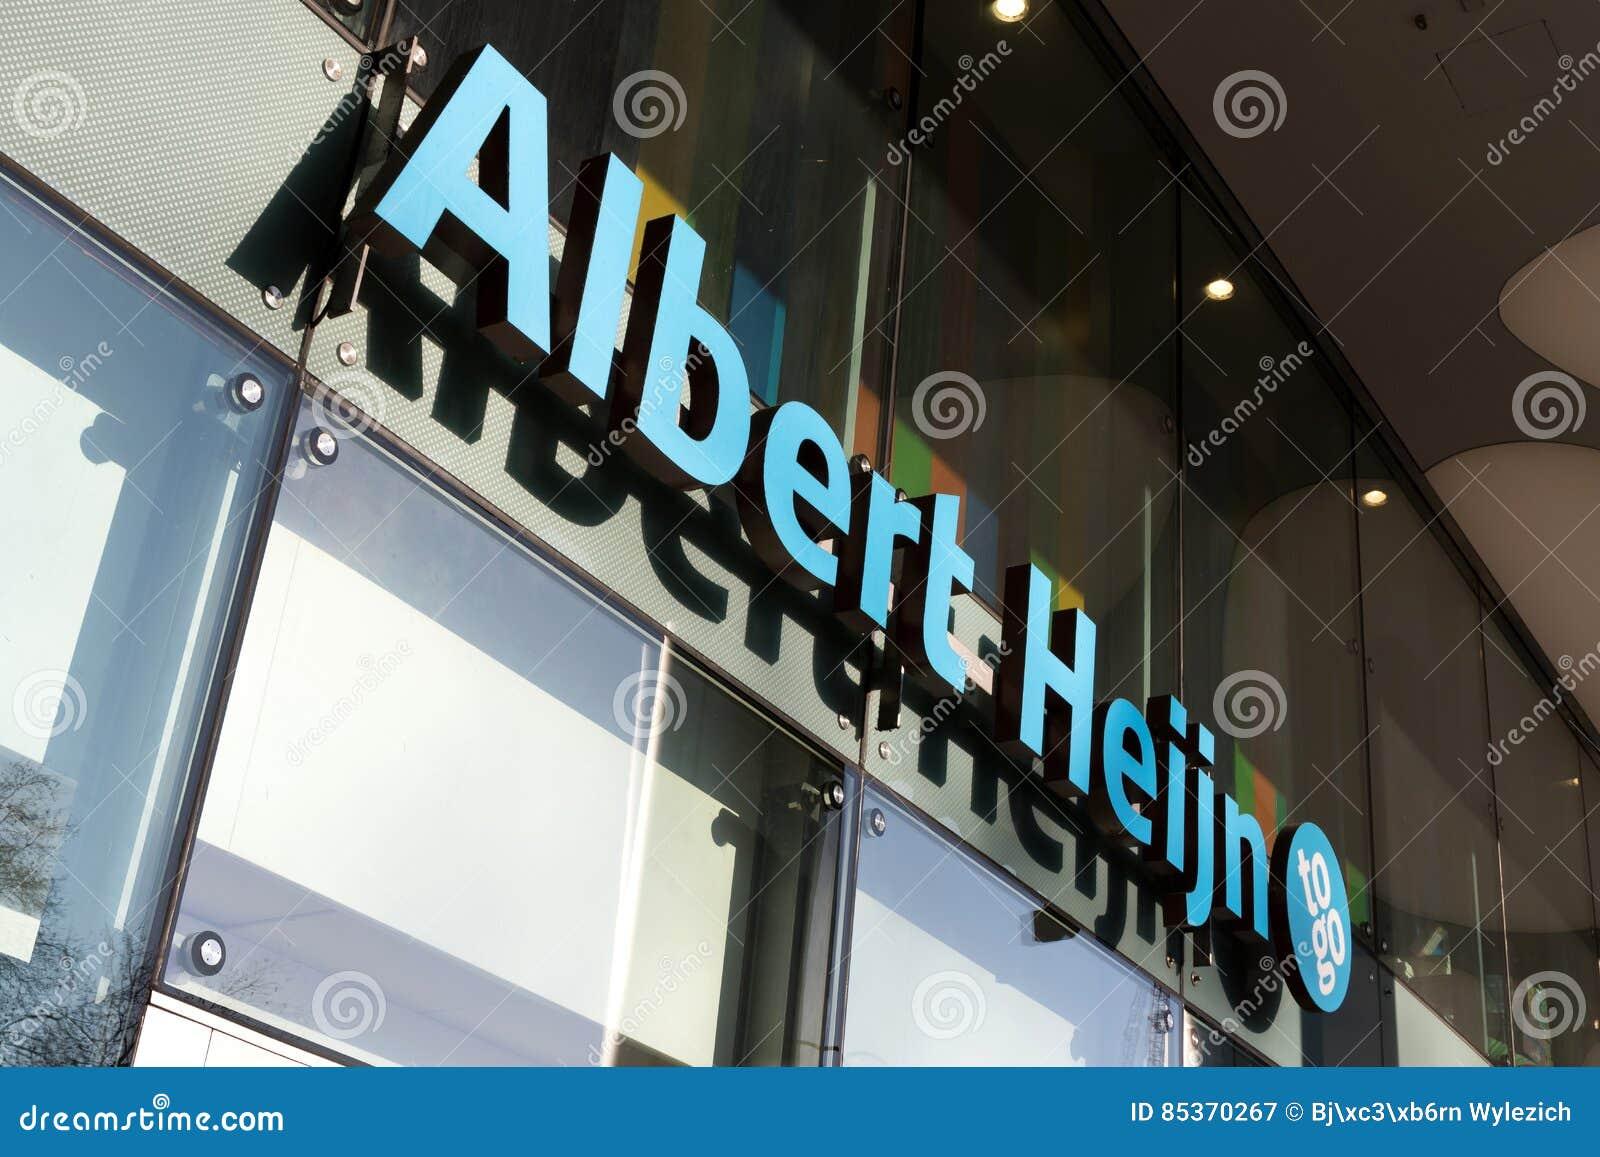 Albert Heijn to go convenience store